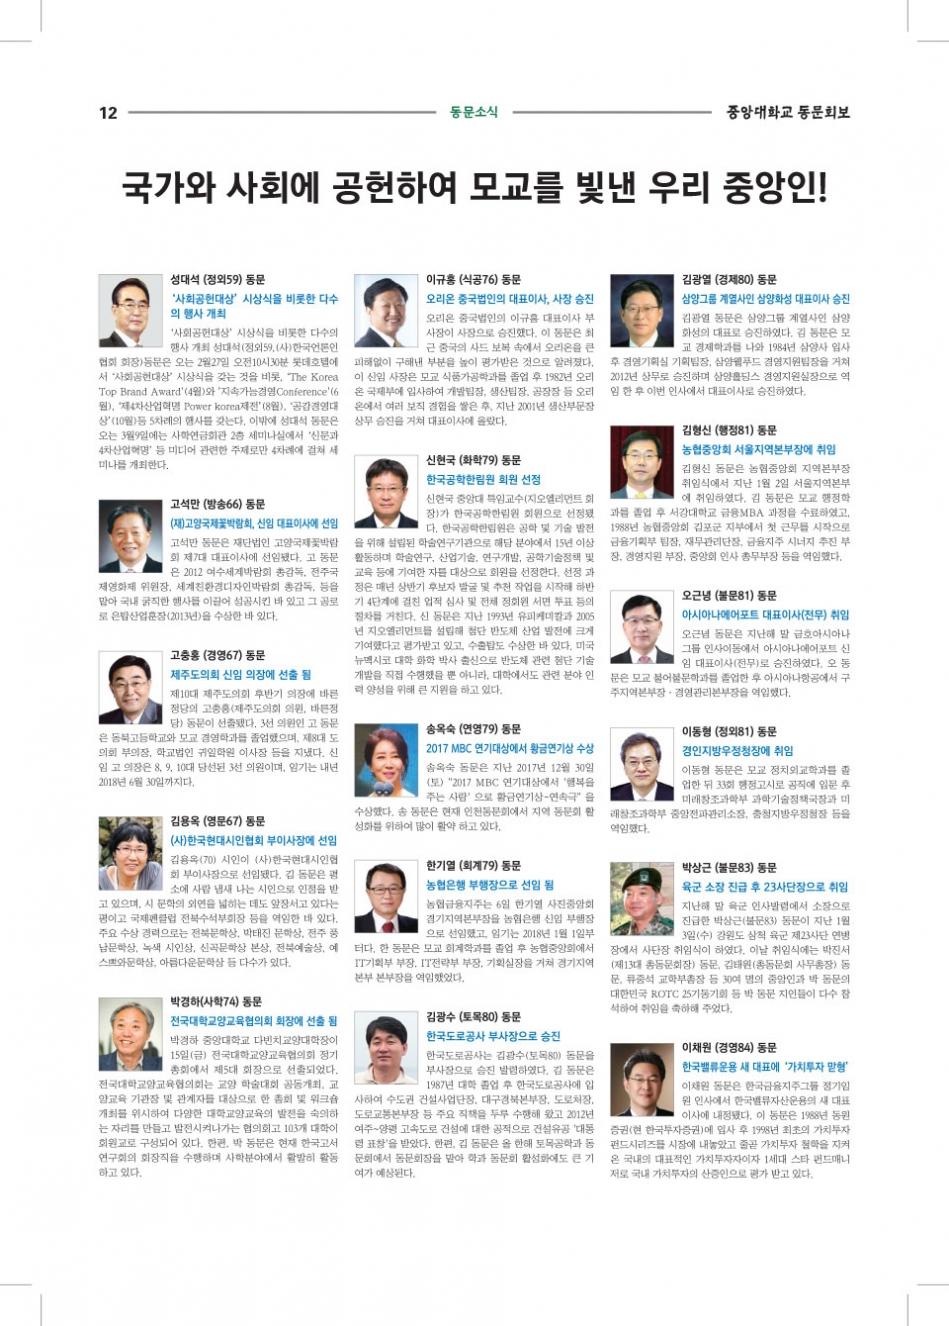 중총신문-18-2-15-최종00-OL인쇄다시-(1)-12.jpg